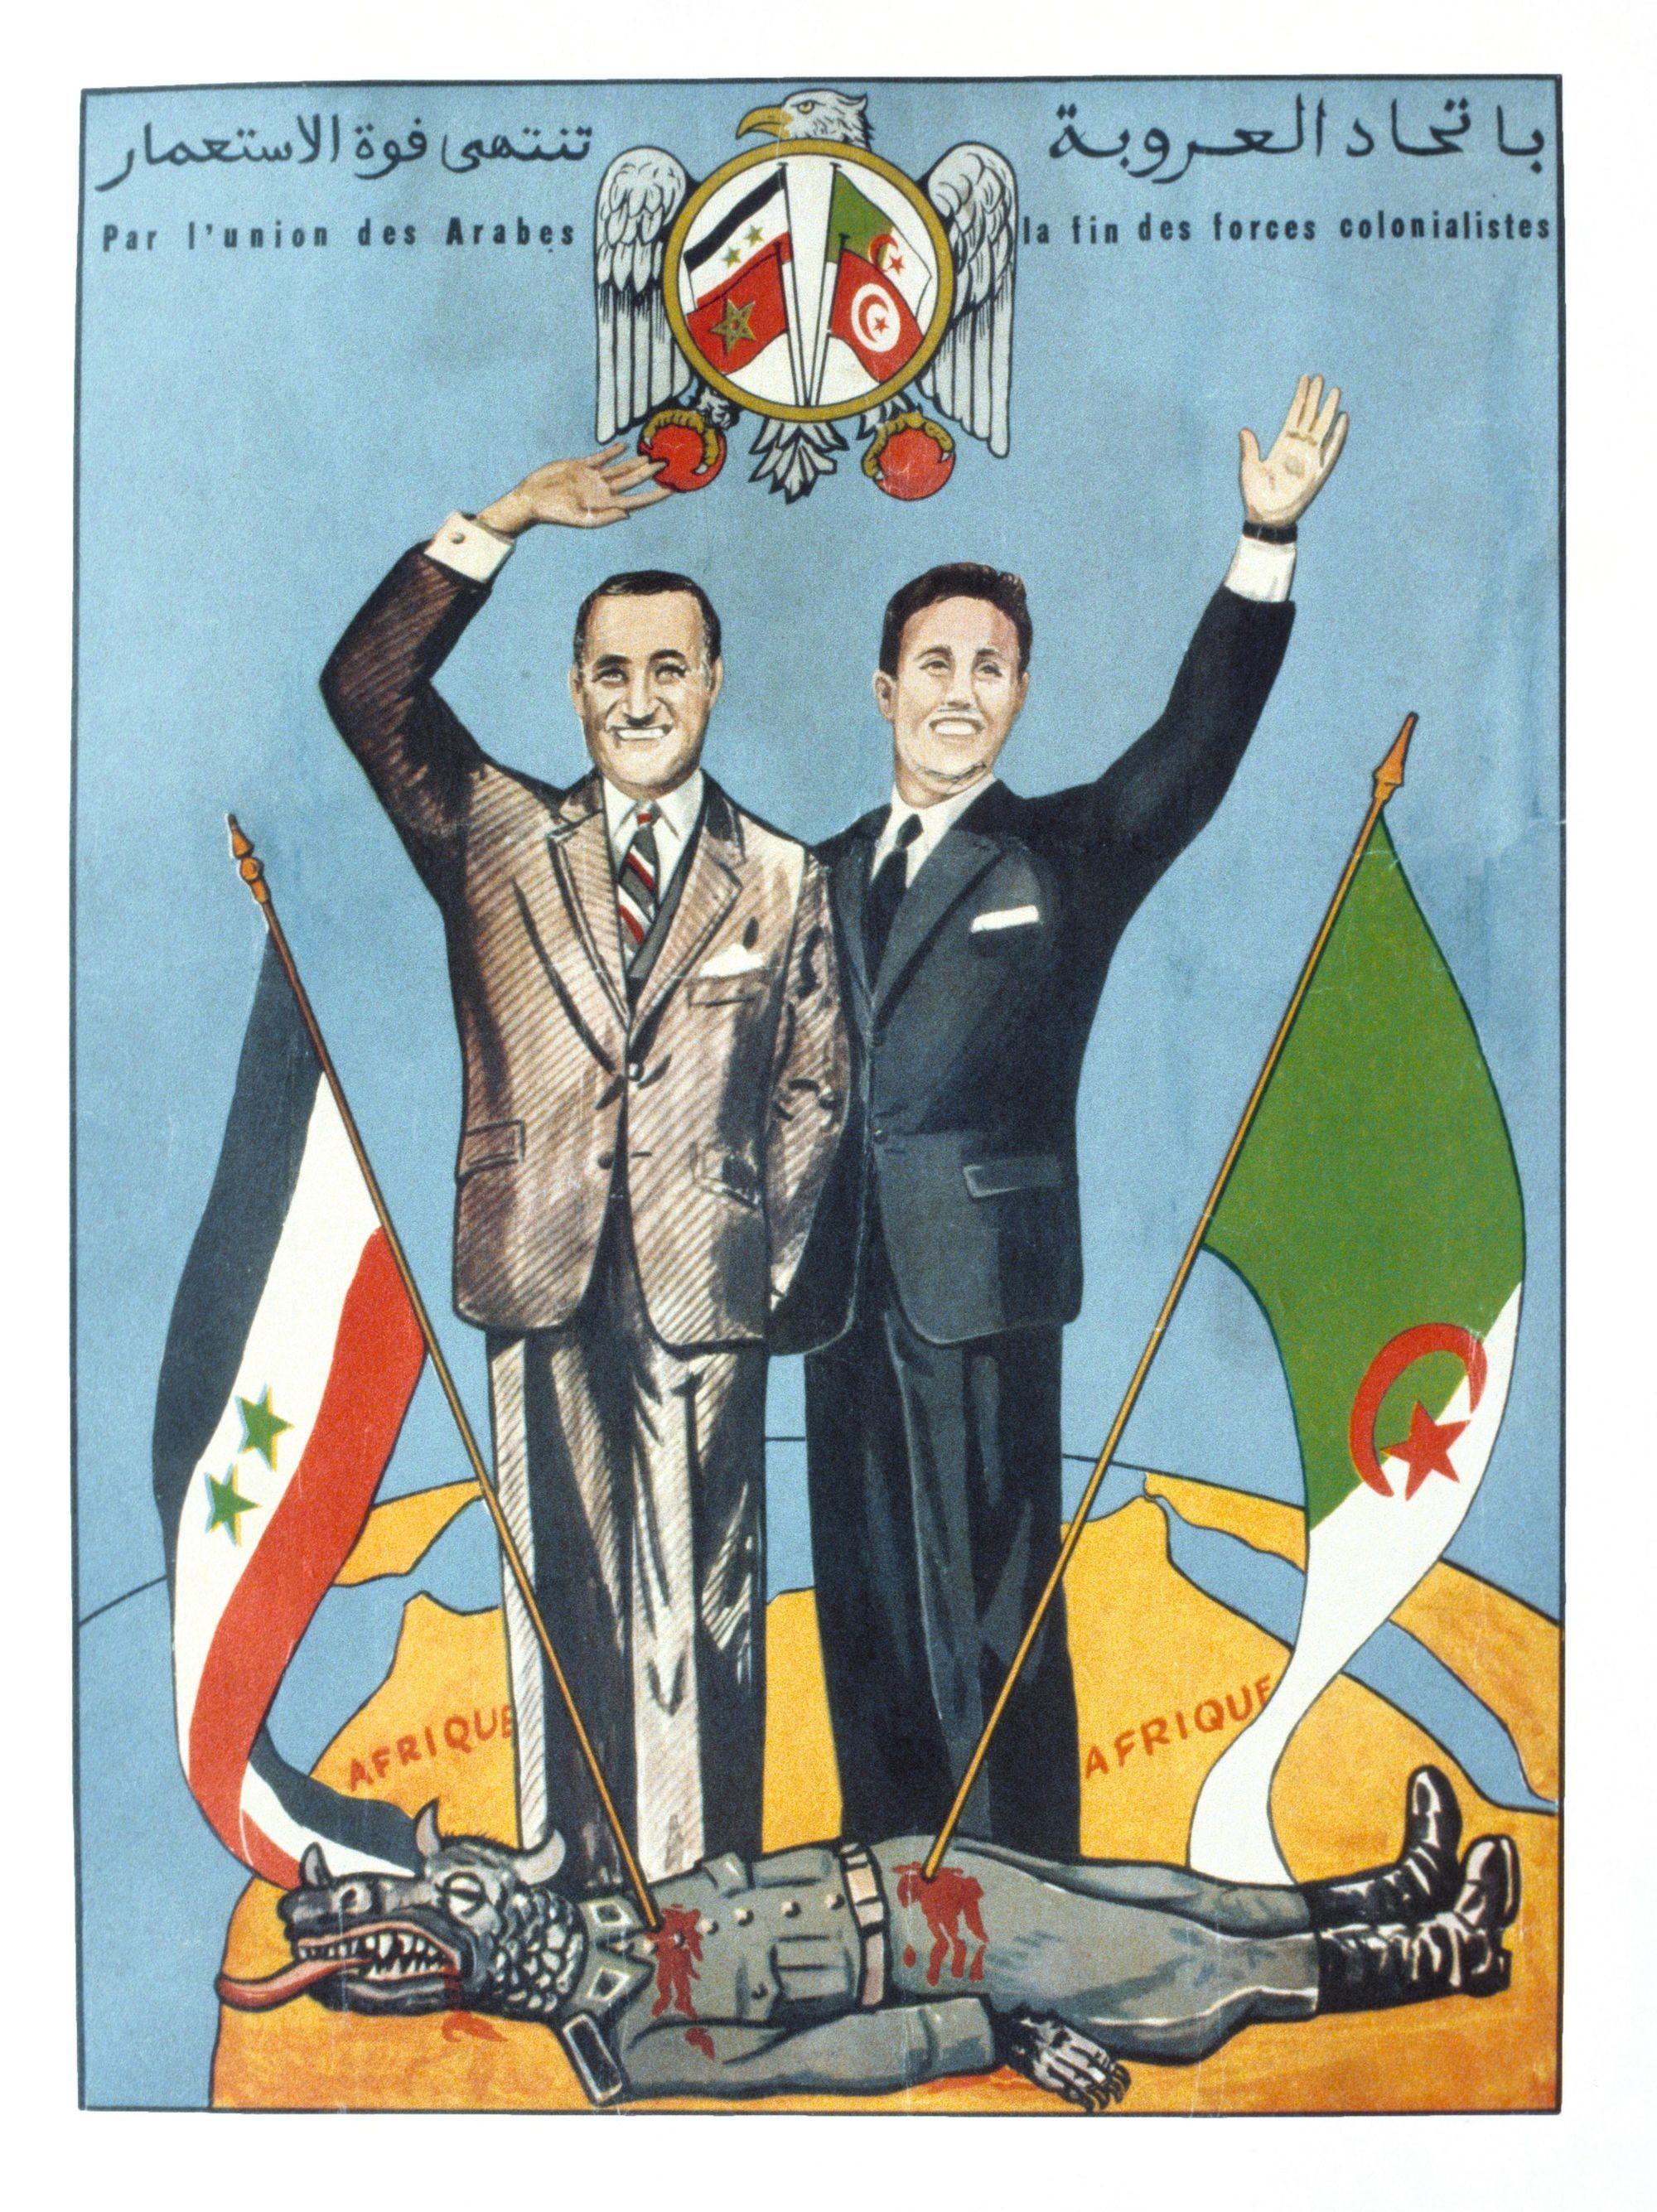 Nasser (Égypte) et Ben Bella (Algérie) terrassent le monstre du colonialisme, affiche, 1963